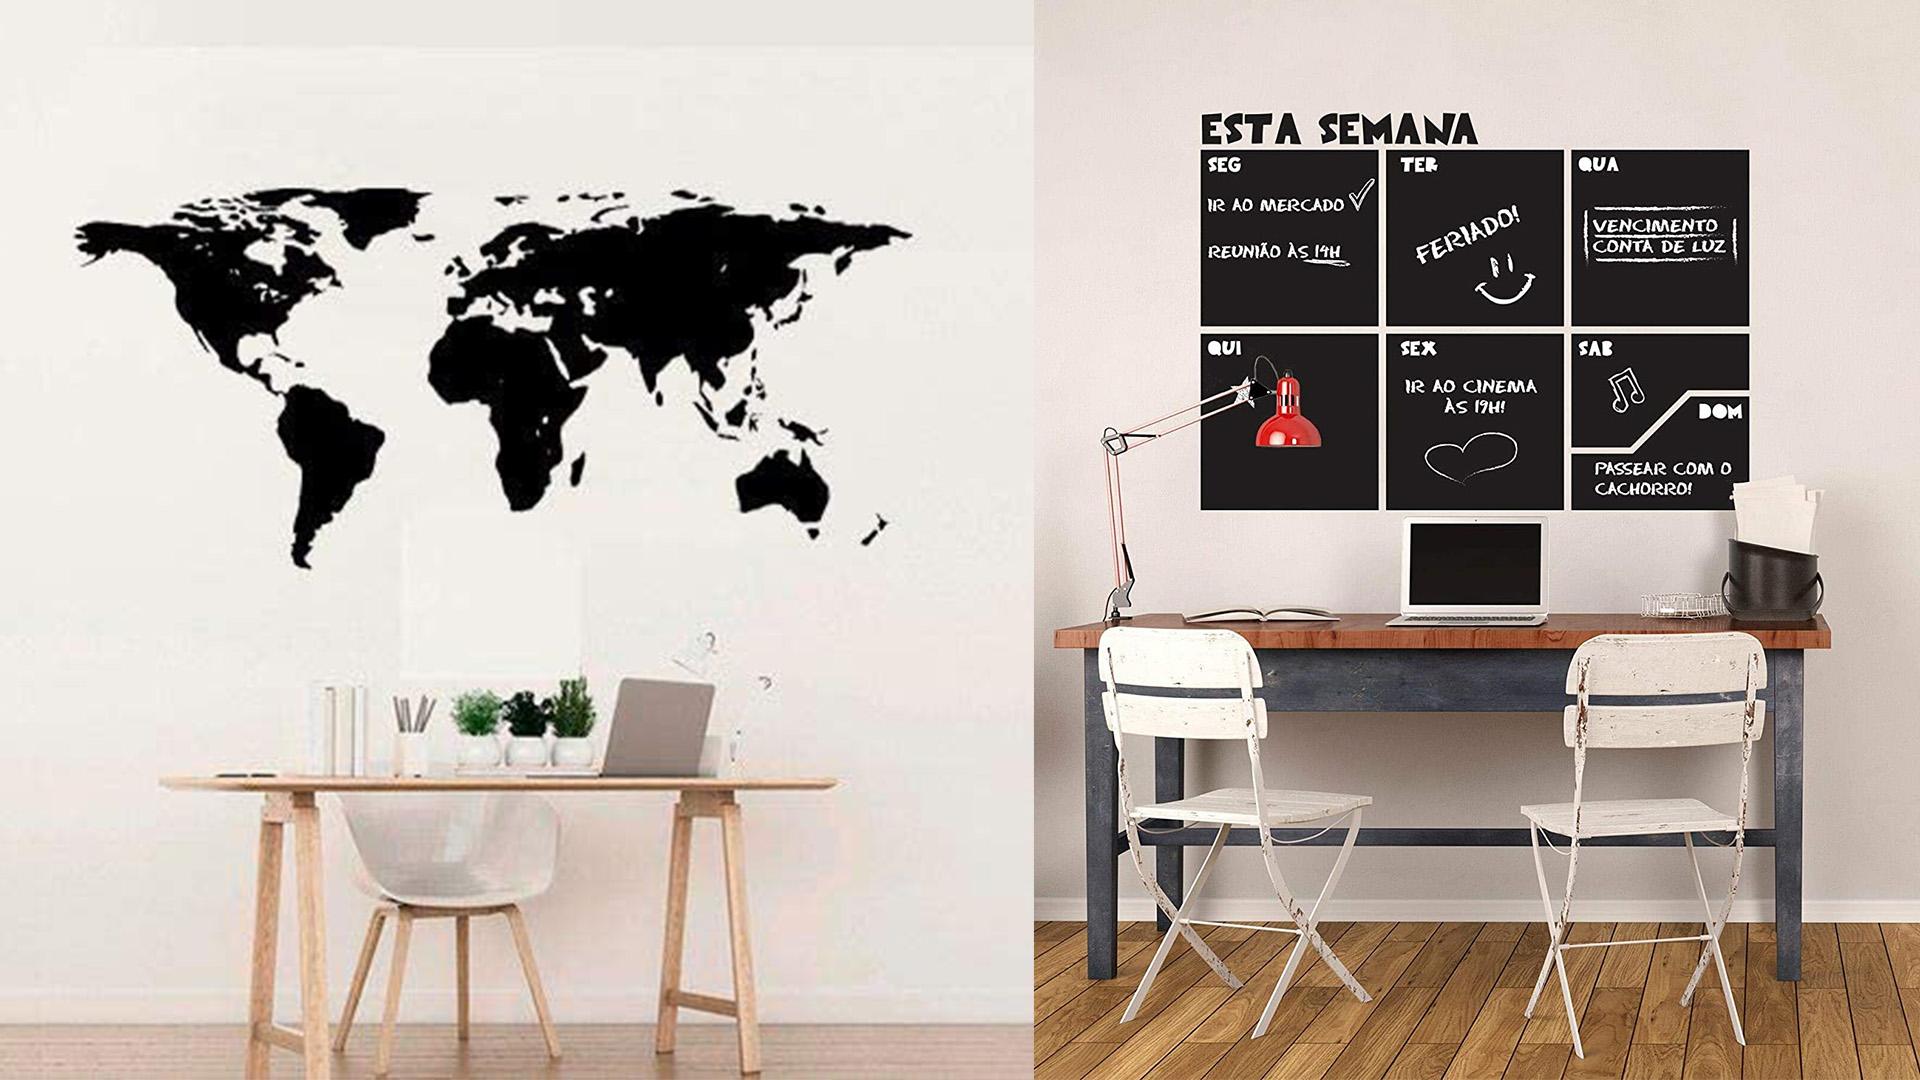 A imagem mostra duas fotos de adesivos de parede, um no formato de mapa na cor preta e outro na cor preta, com 6 quadrados formando um calendário semanal.